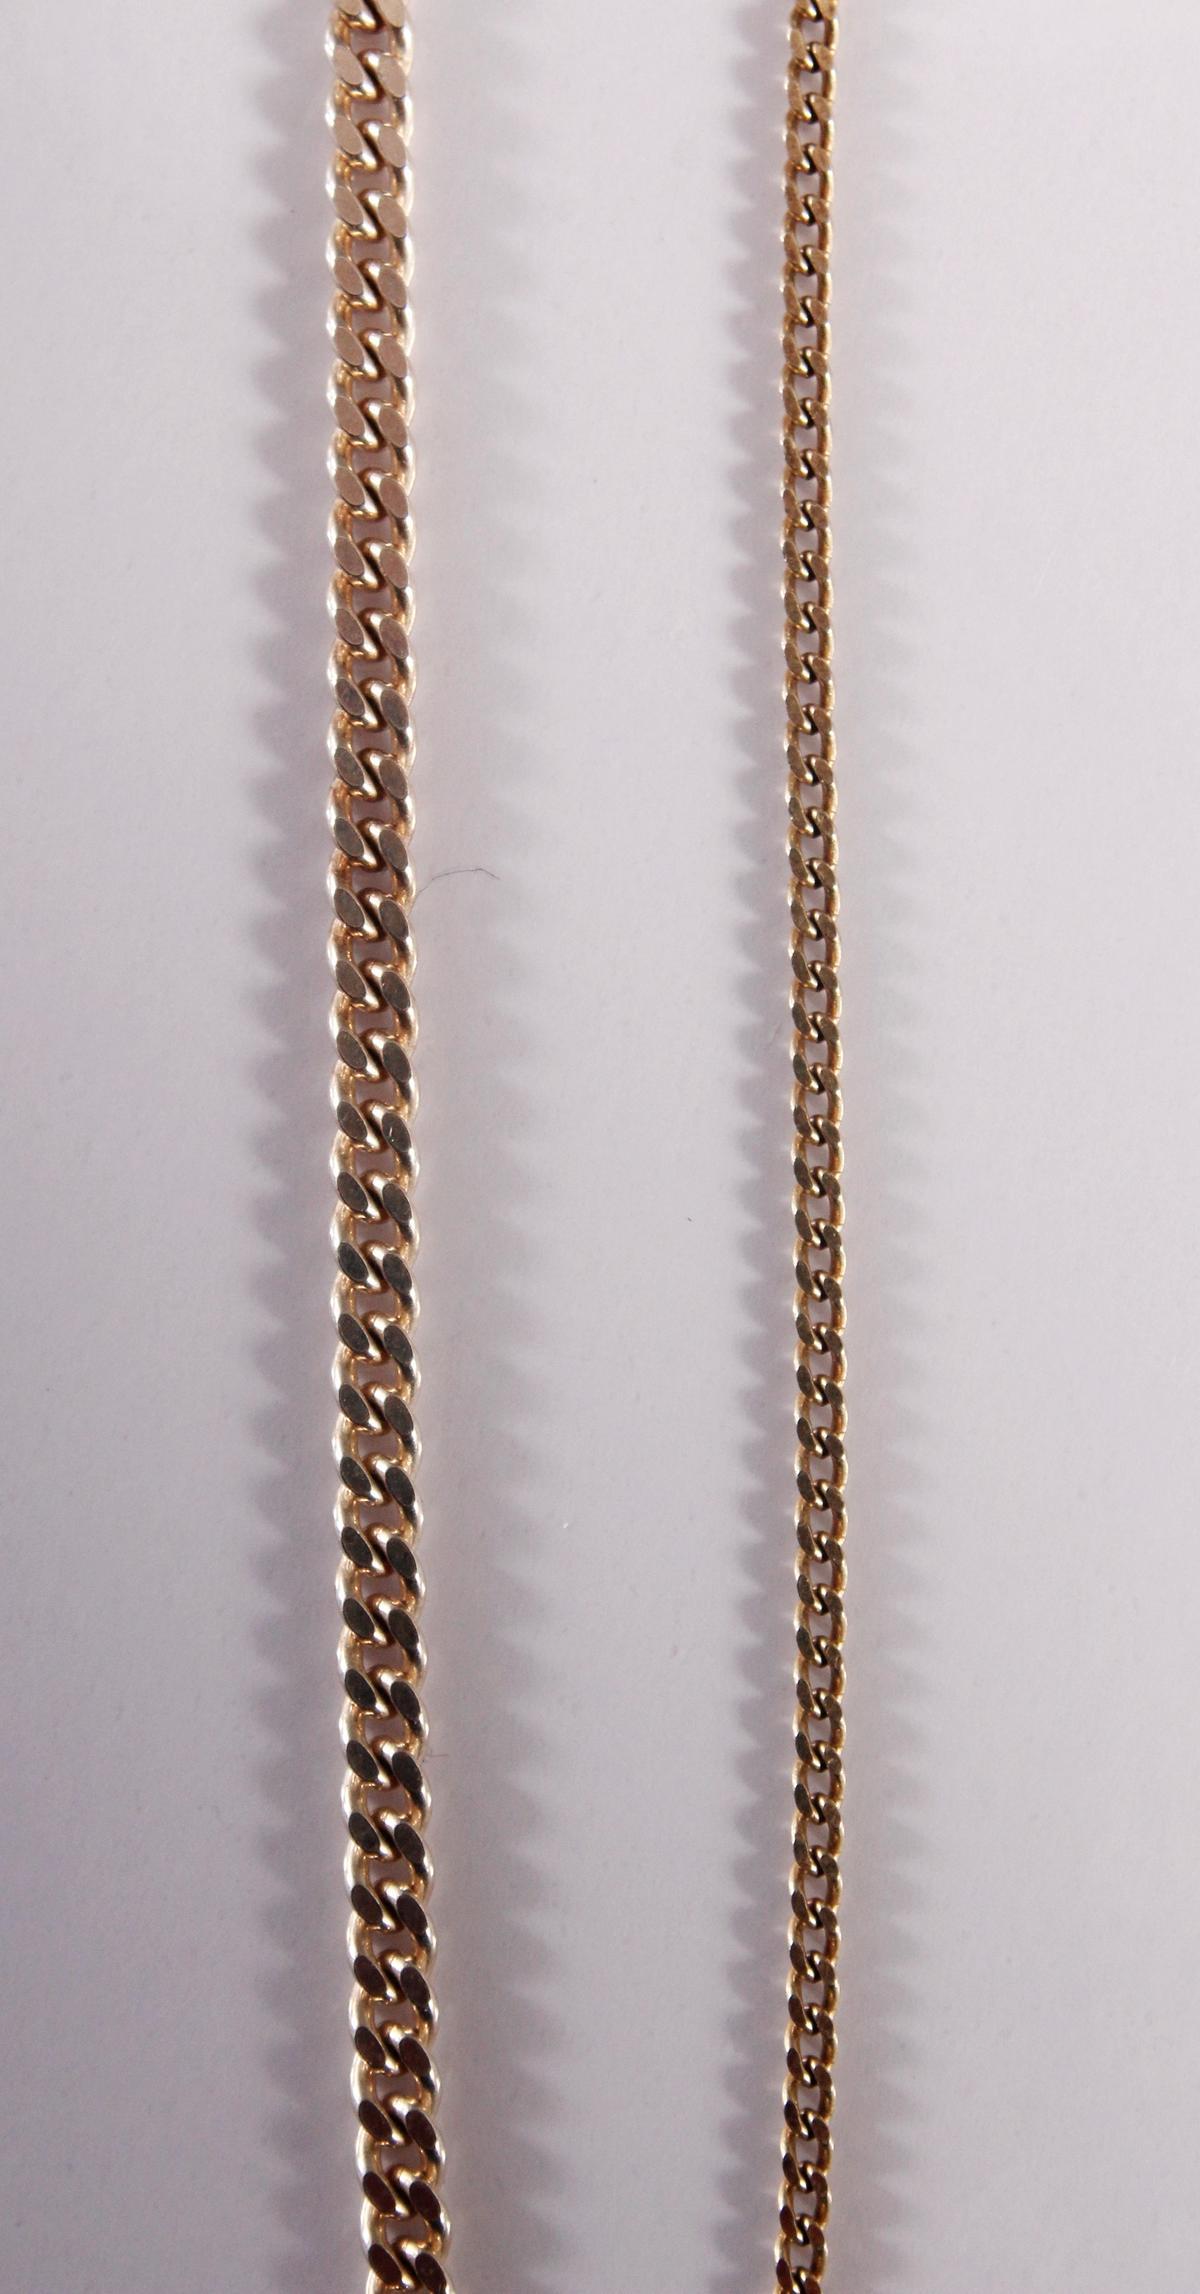 2 Halsketten aus Silber-2